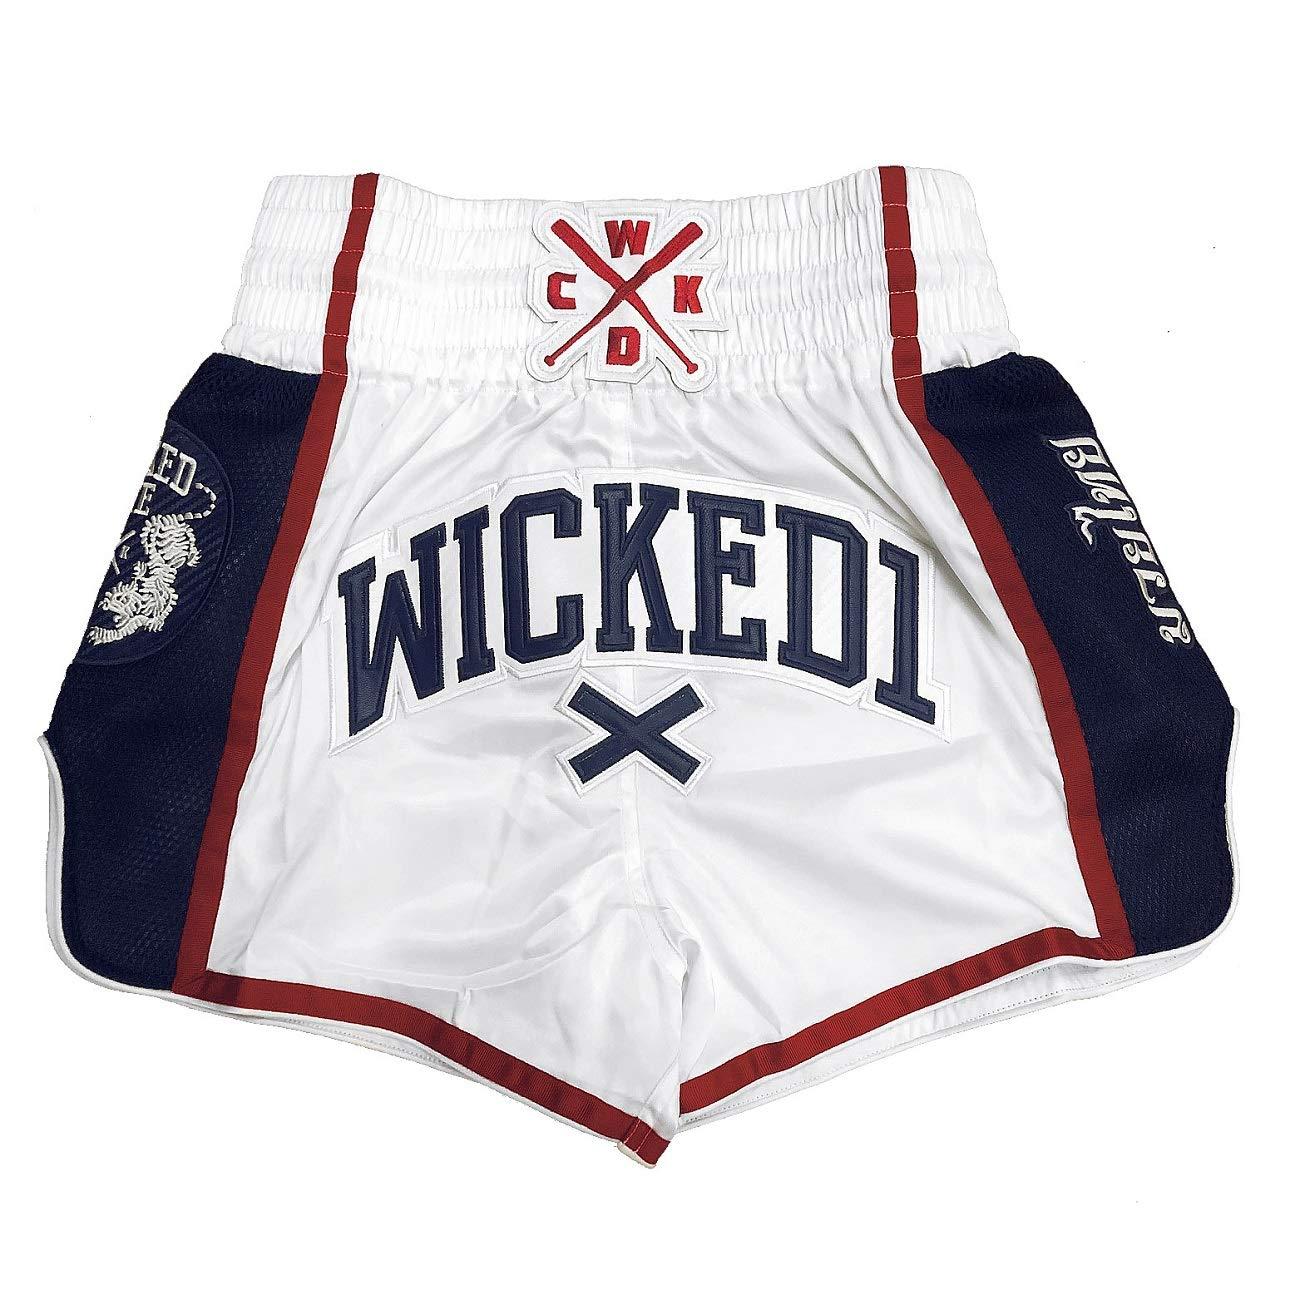 Wicked One Muay Thai Short de boxe tha/ïlandais pour homme Orange//bleu marine